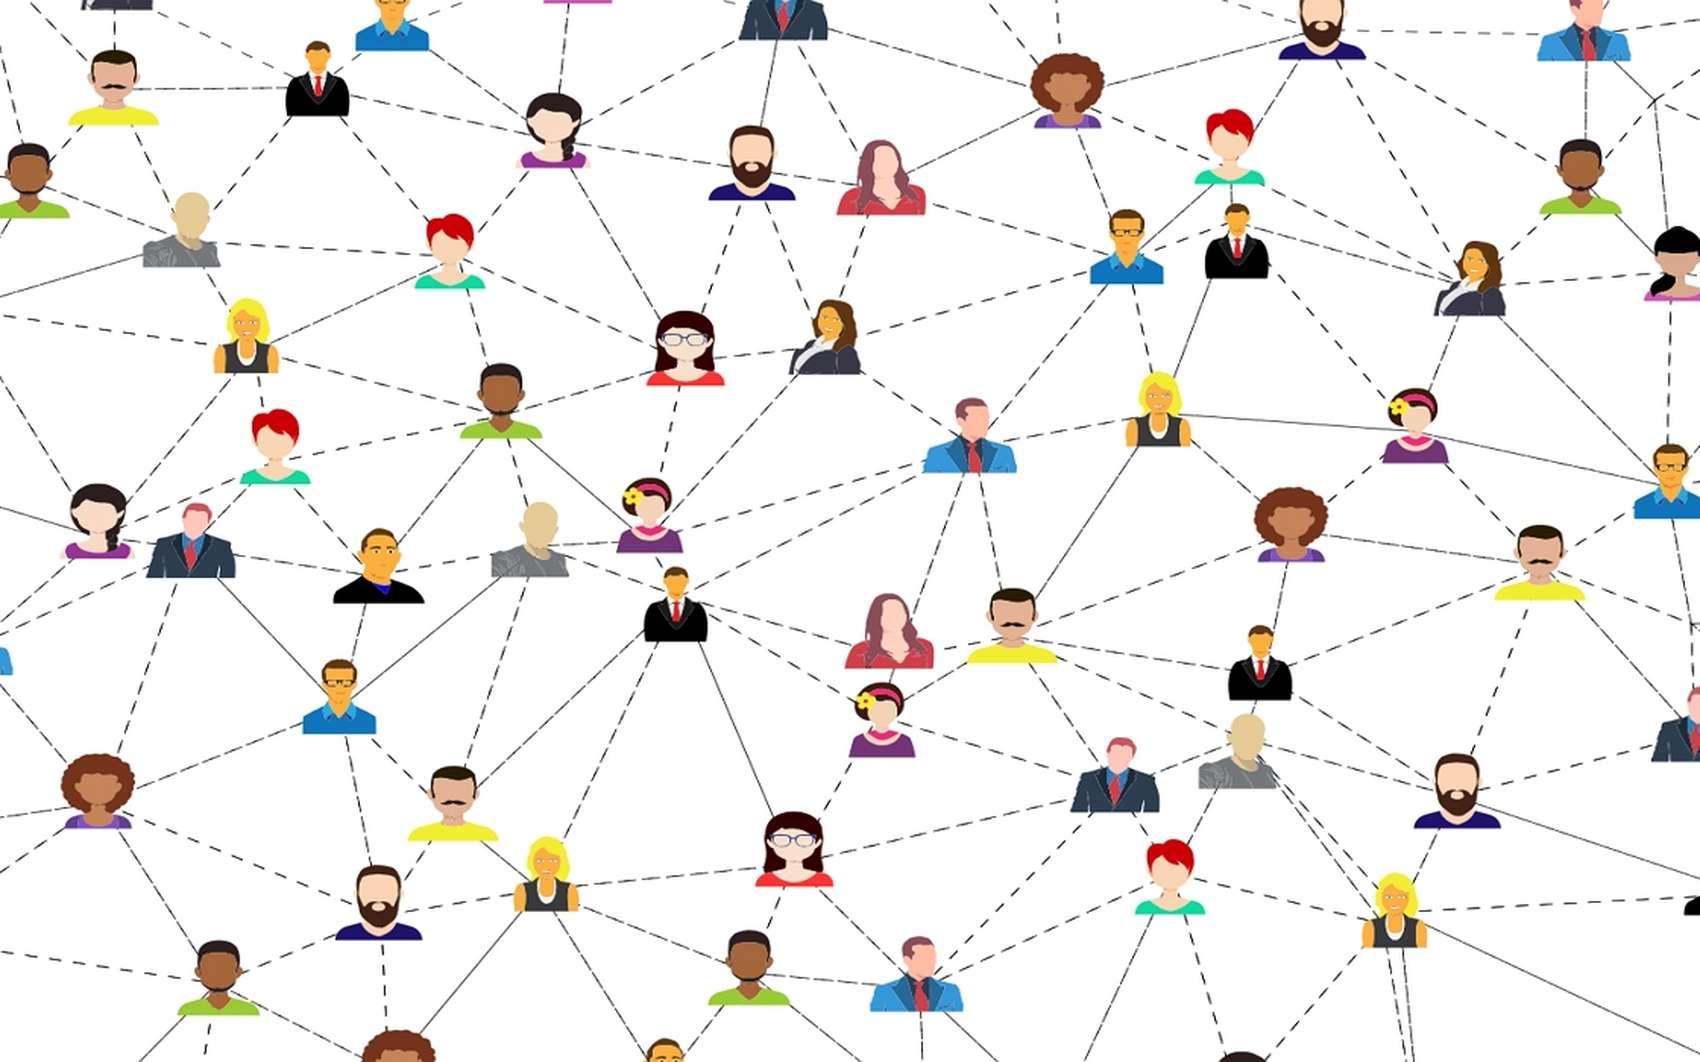 Le Usenet repose sur le principe des forums en ligne. © geralt, Pixabay